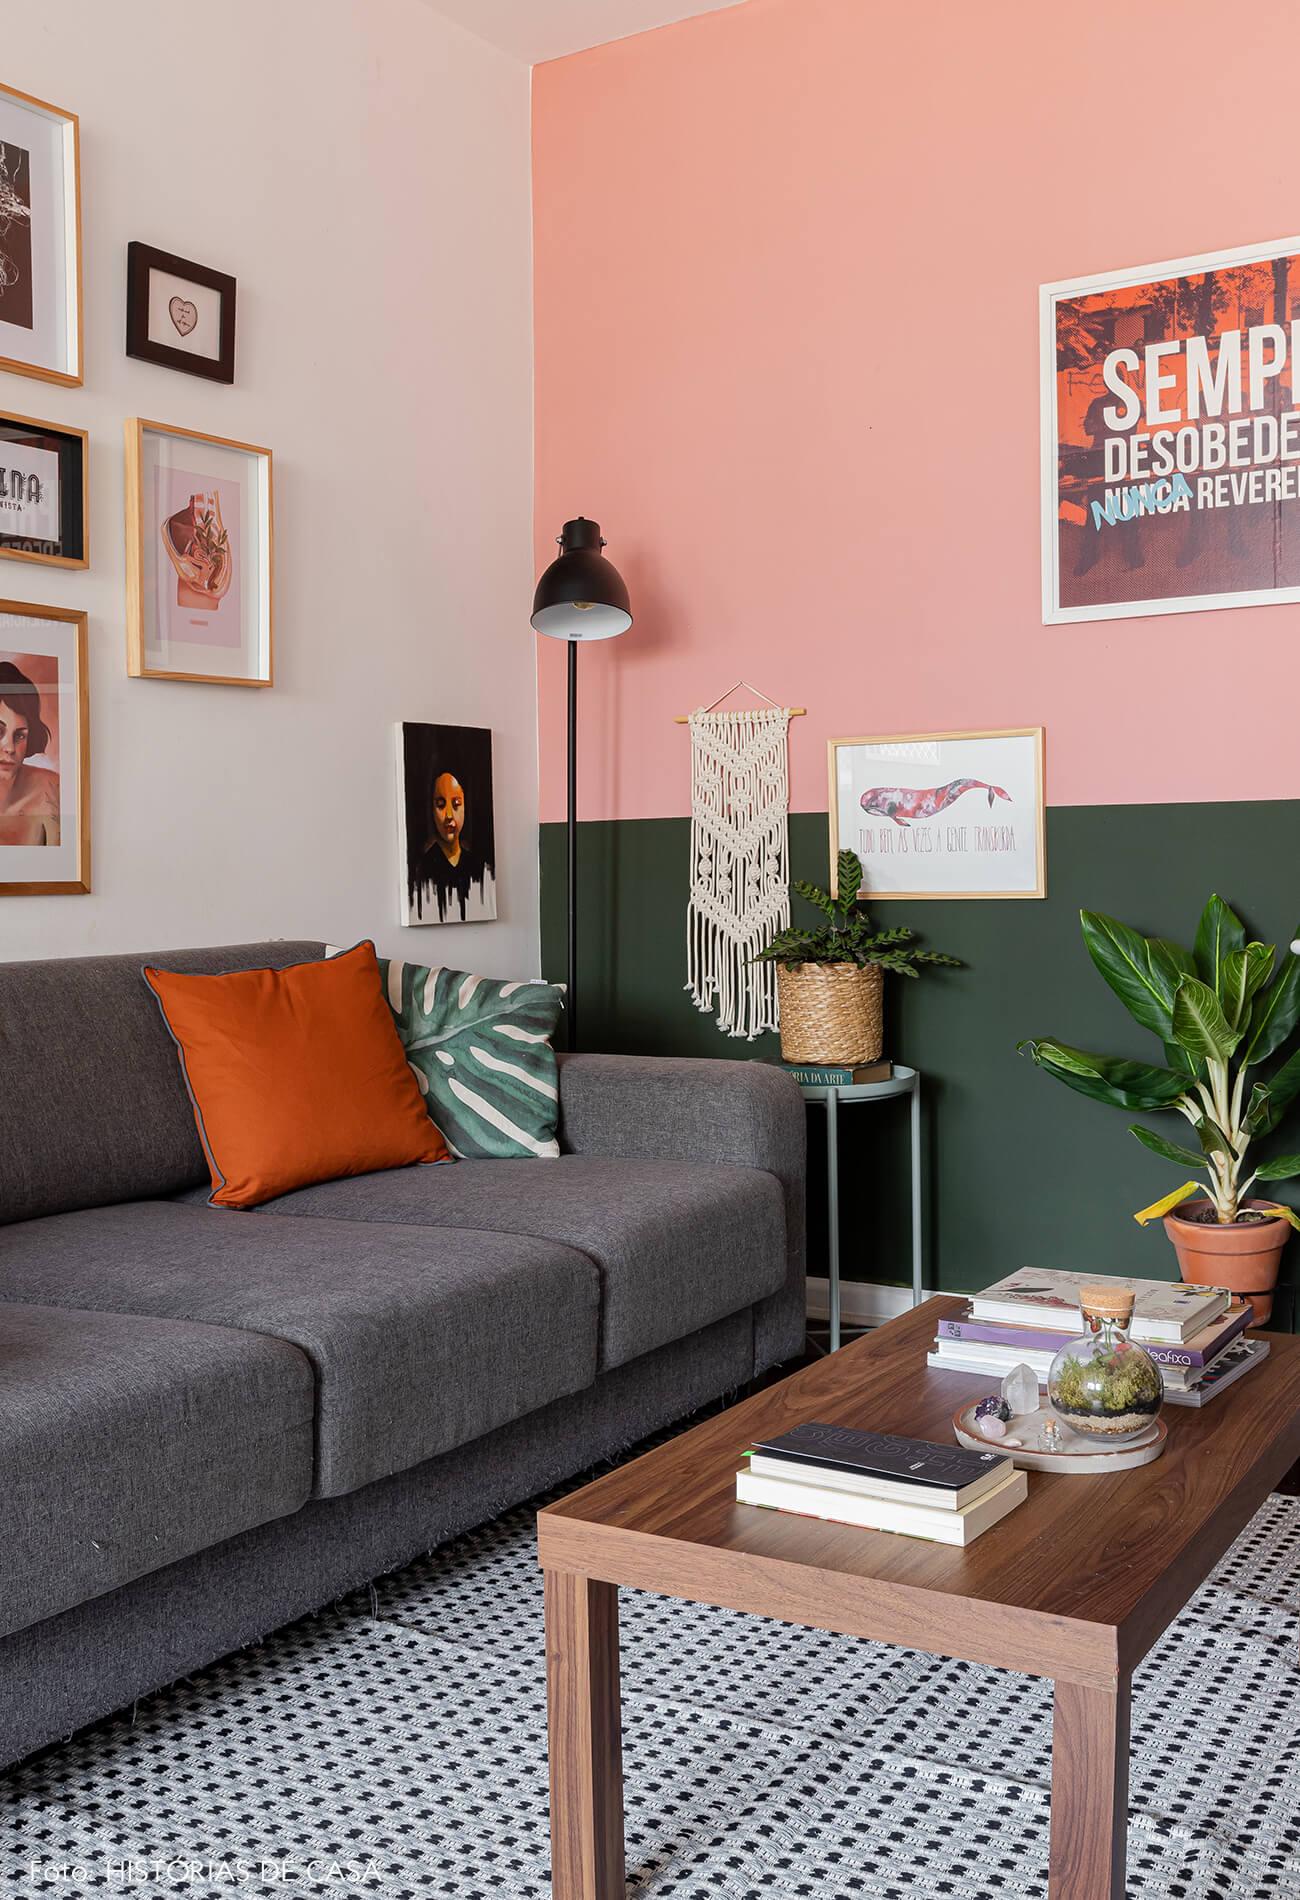 decoração-sala-com-parede-rosa-e-verde-com-quadros-e-plantas